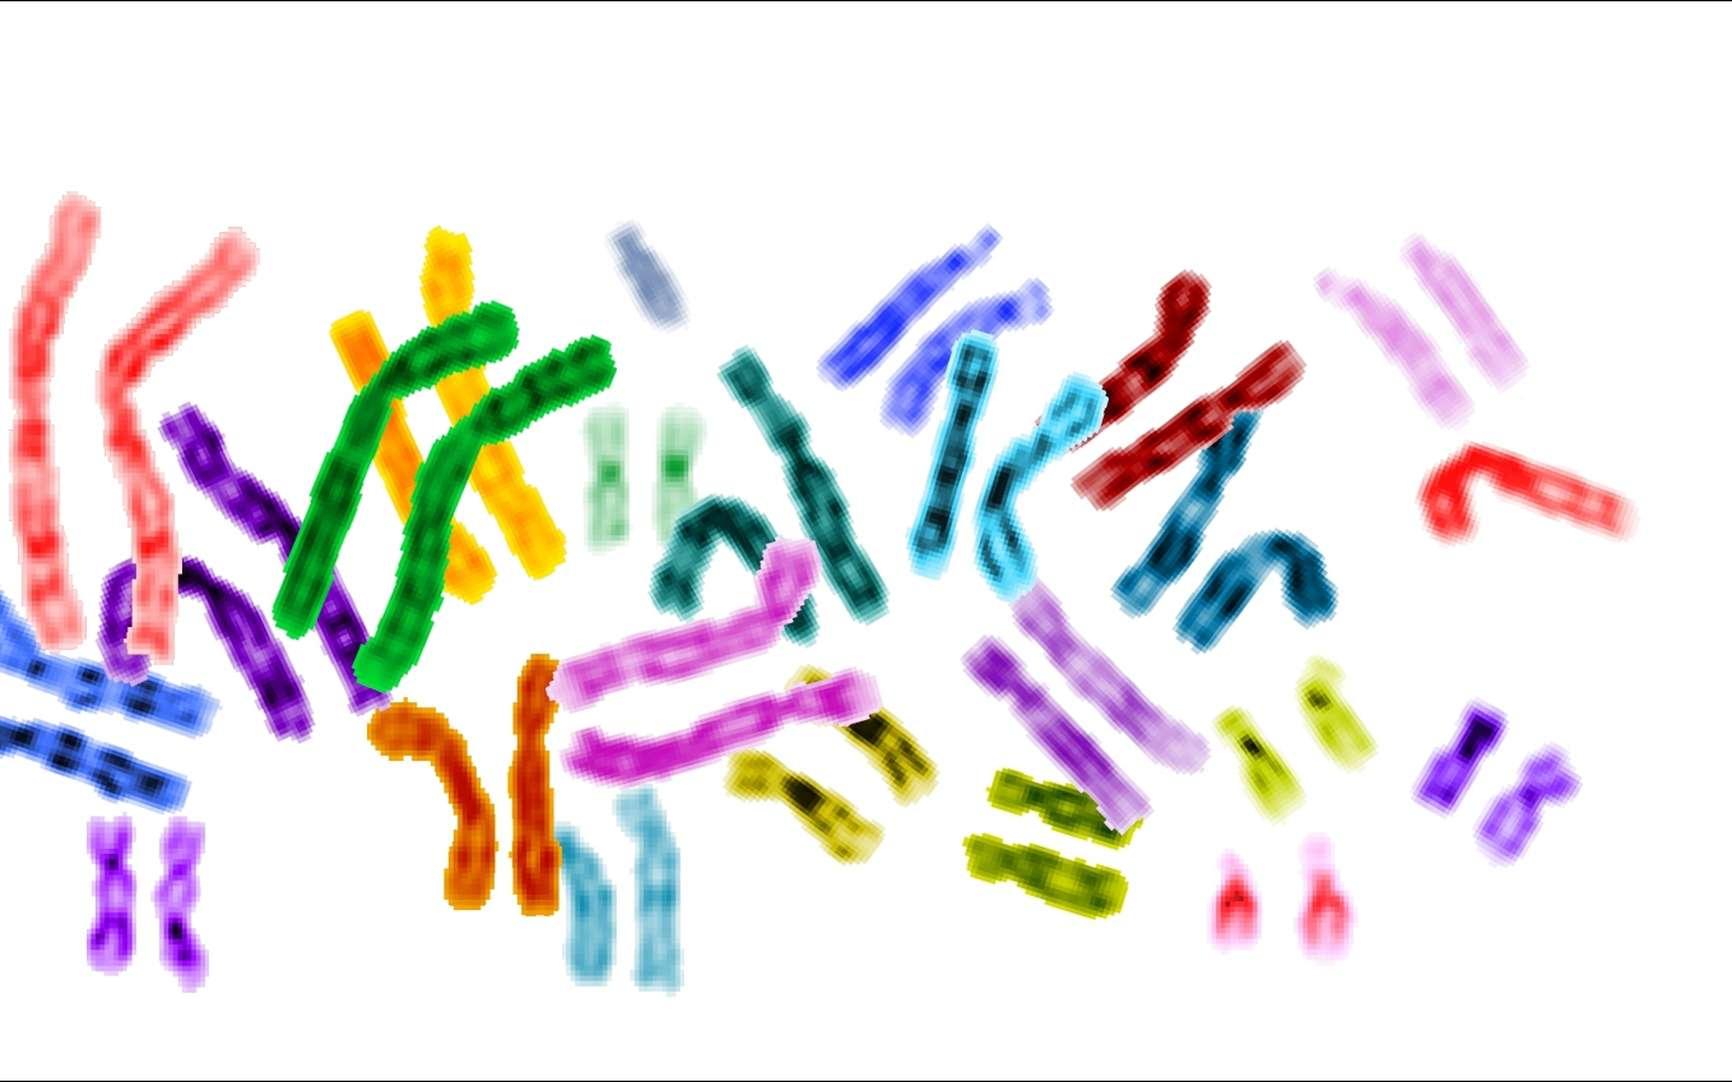 Normalement, nous sommes tous équipés de chromosomes regroupés en paires. Mais les trisomiques disposent d'un trio de chromosomes 21, ce qui entraîne un certain nombre de symptômes, que les scientifiques pensent prochainement pouvoir limiter. © NIH, Wikipédia, DP